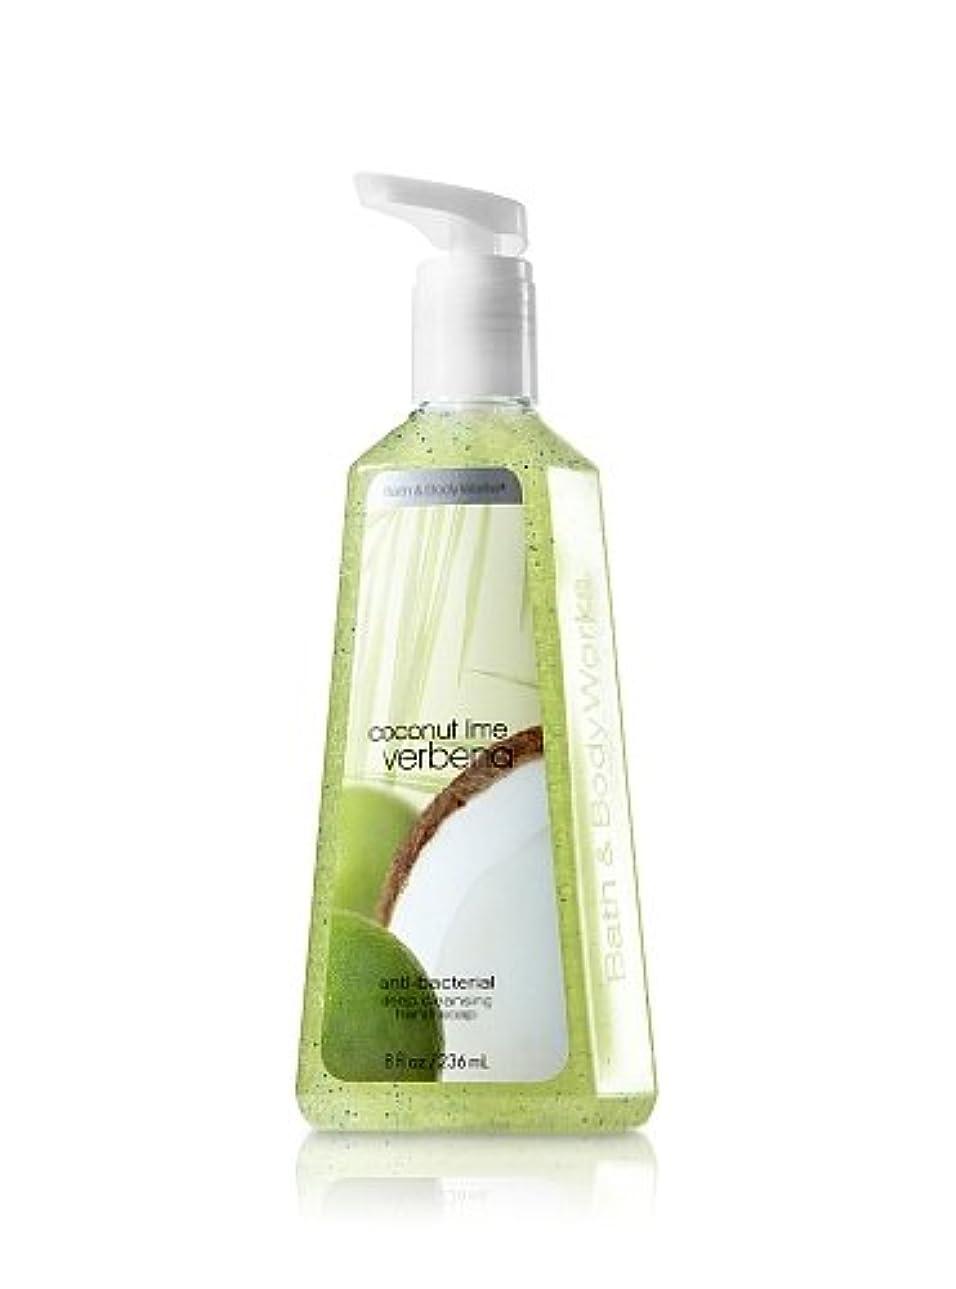 風邪をひくキルス選ぶバス&ボディワークス ココナッツライムバーベナ ディープクレンジングハンドソープ Coconut Lime Verbena Deep Cleansing Hand Soap [海外直送品]